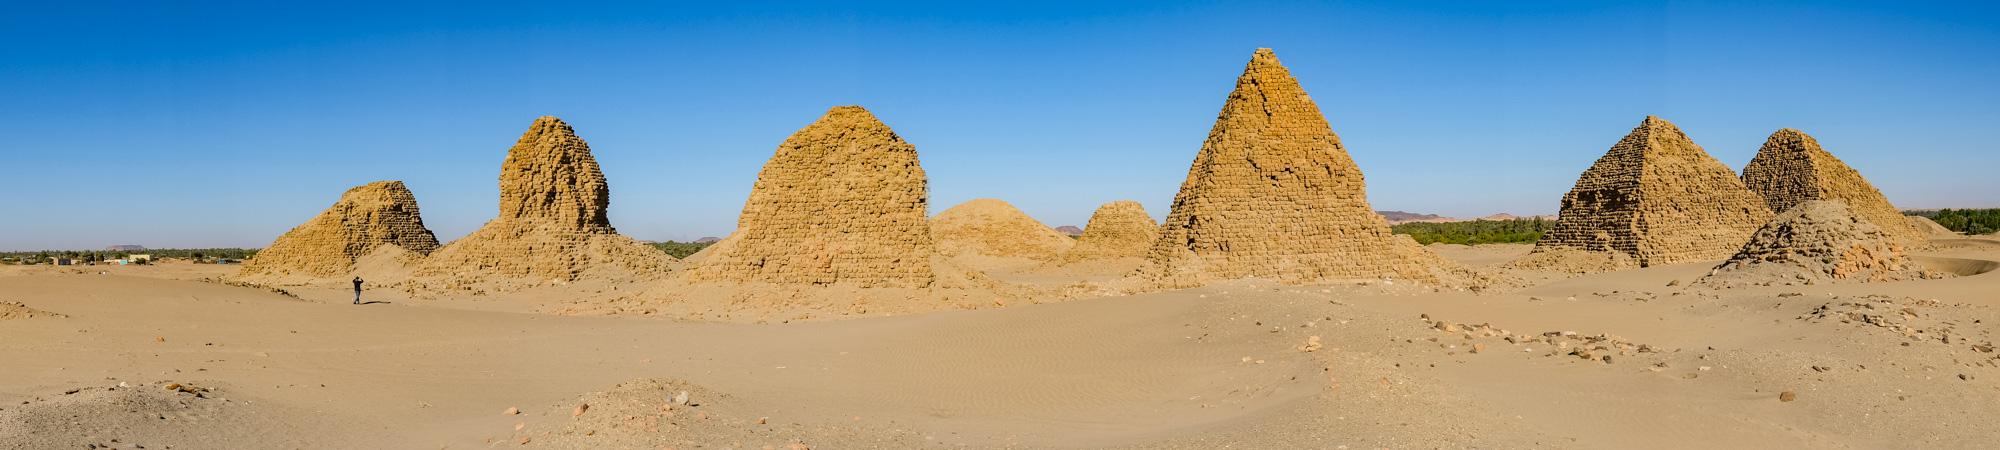 Nuri Pyramids Panoramic Sudan